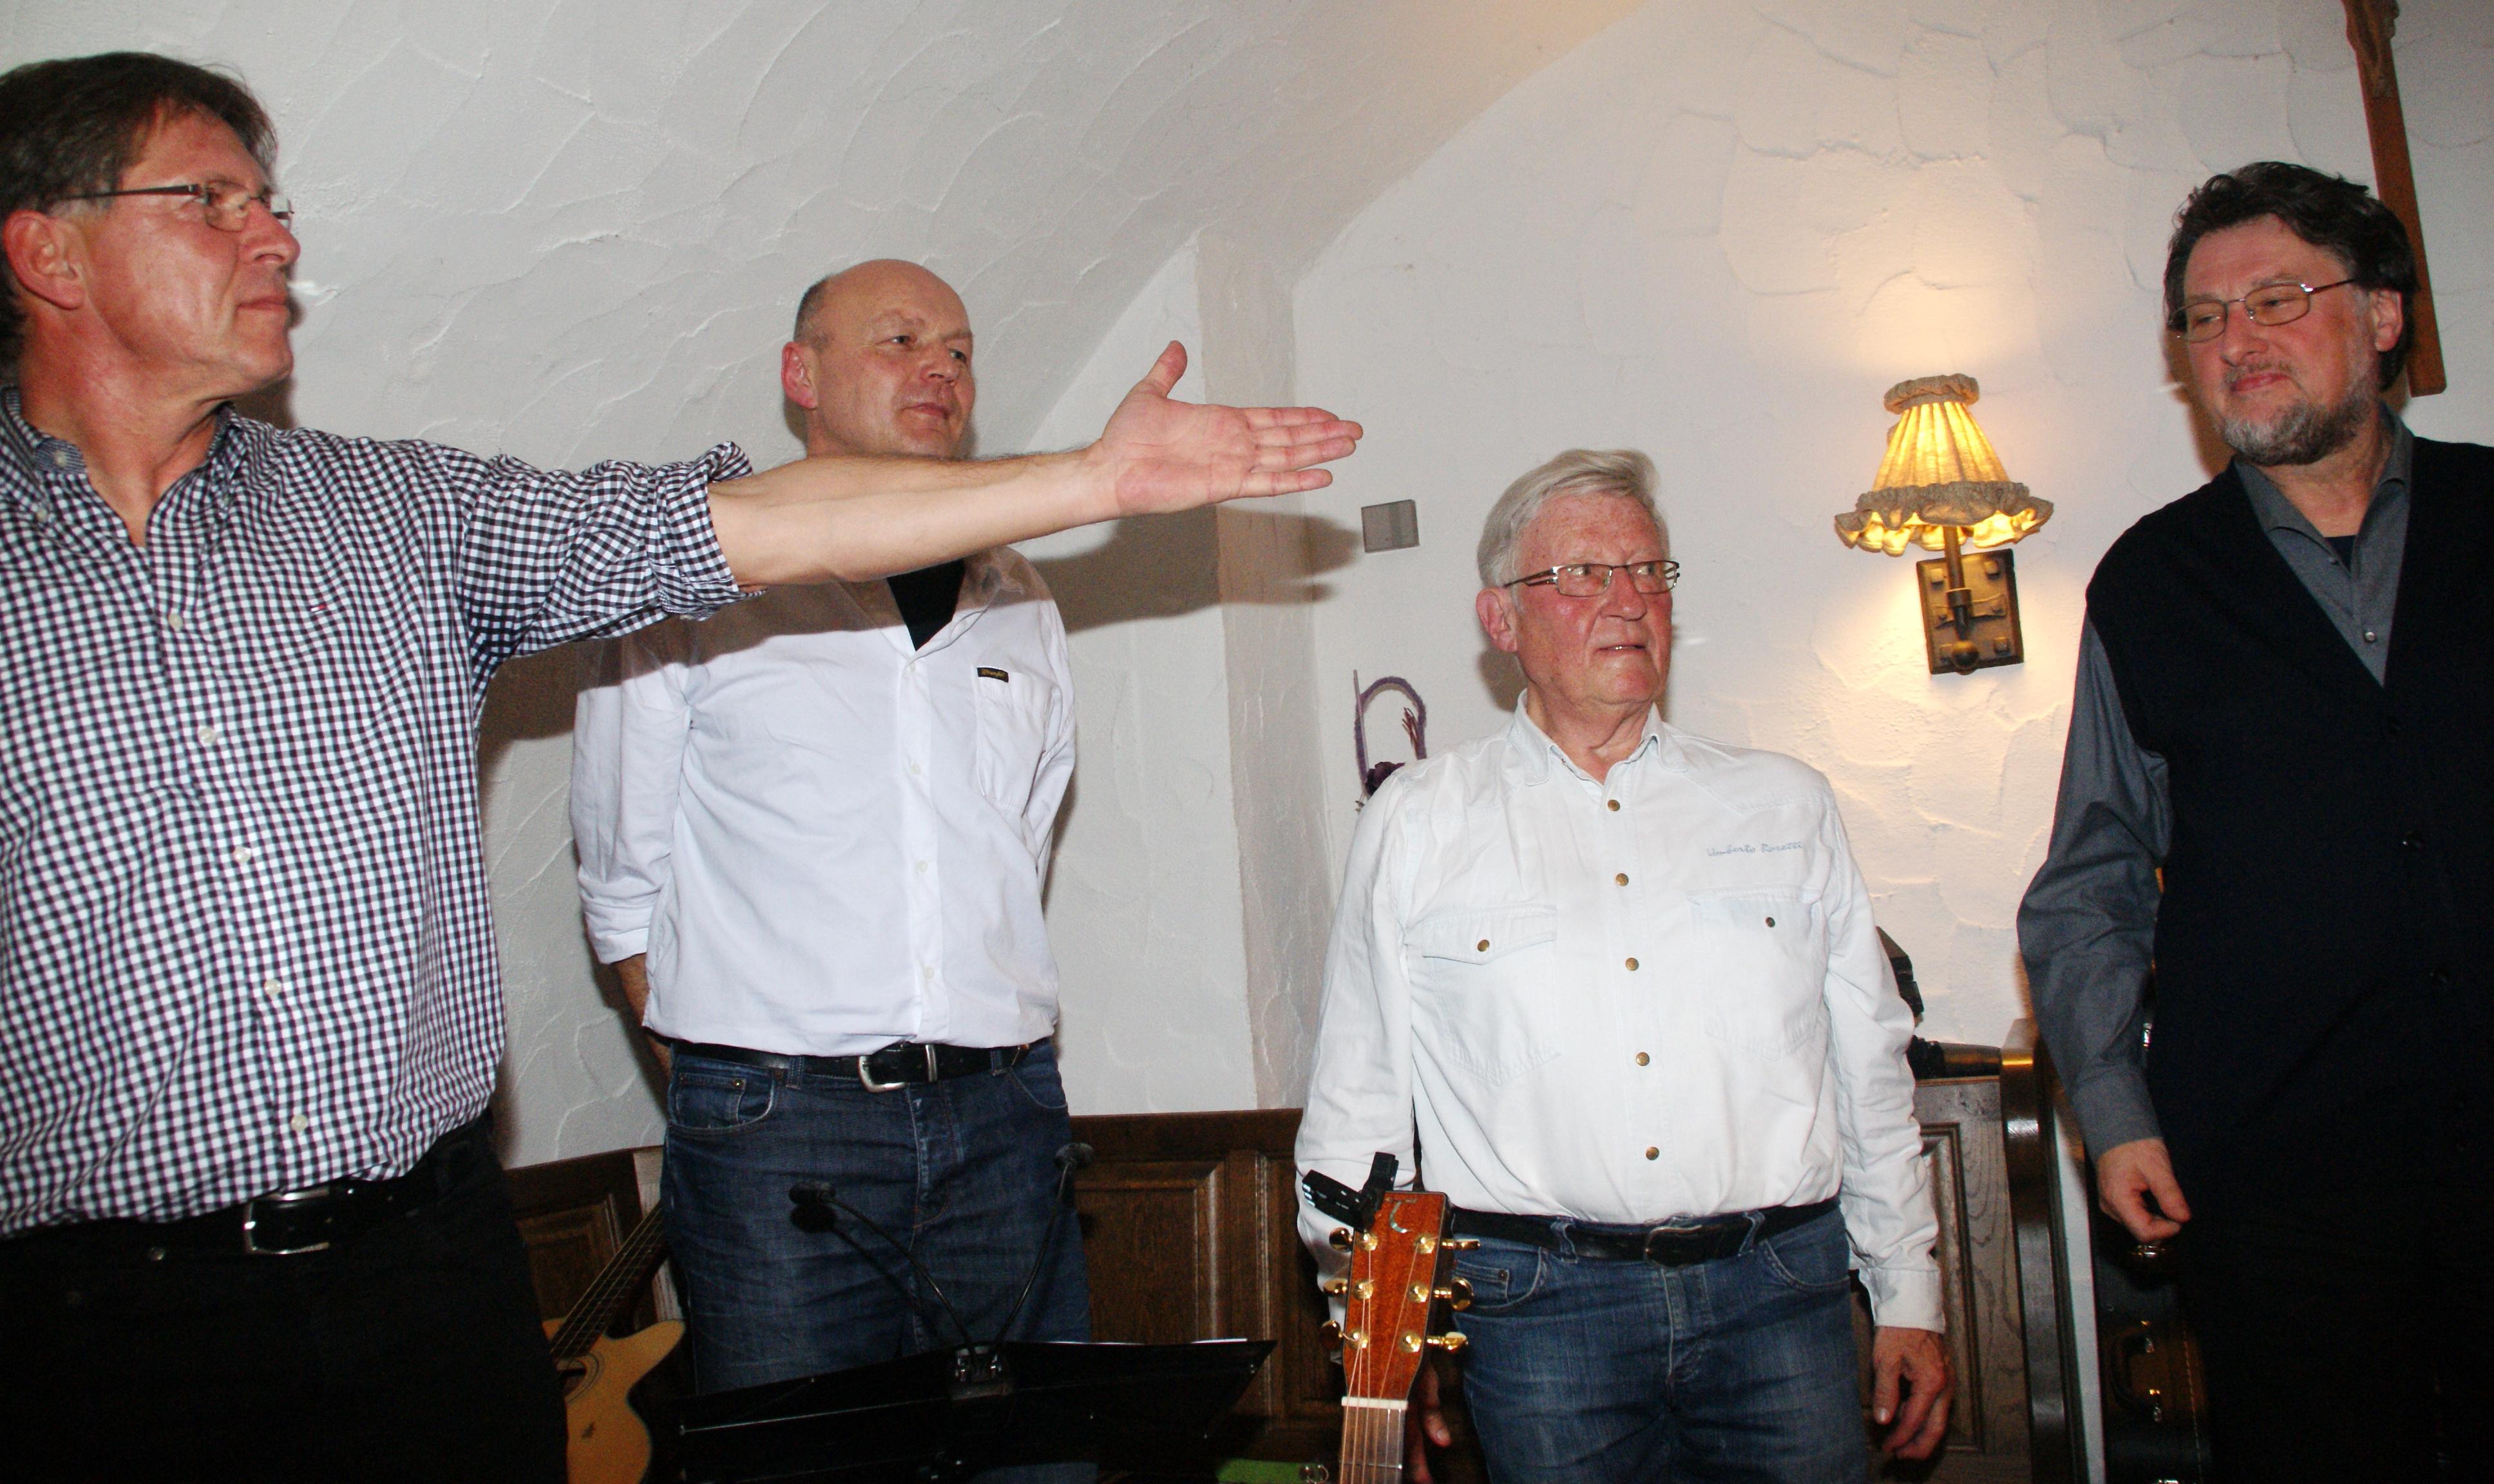 """Die """"4 Unverdorbenen"""" Klaus Götze, Jürgen Zach, Günter Schmid & Karl Stumpfi (v. li.) nach ihrem erfolgreichen ersten Ensdorfer Gastspiel im November 2014. Foto: Alfred Grassmann, NT"""